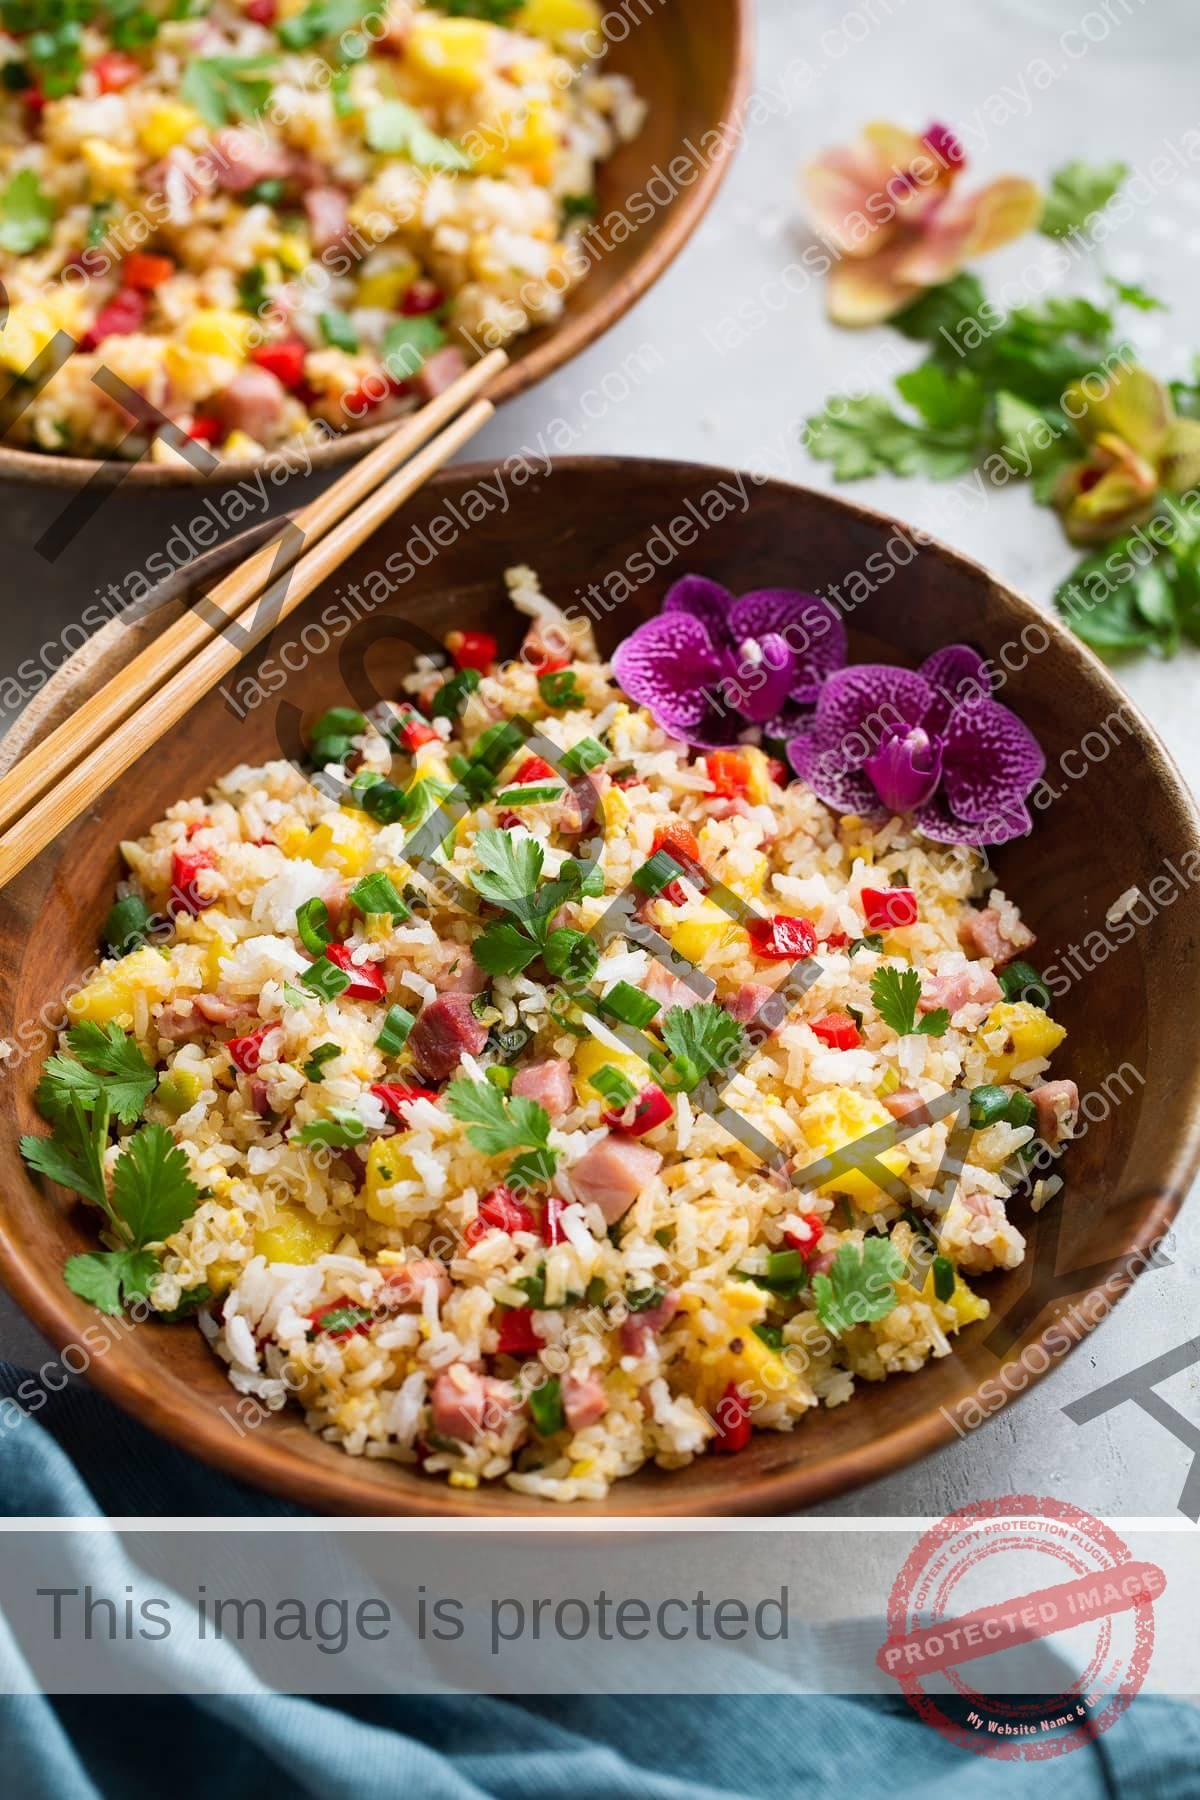 Cuenco de madera lleno de arroz frito hawaiano decorado con flores y palillos en el lateral.